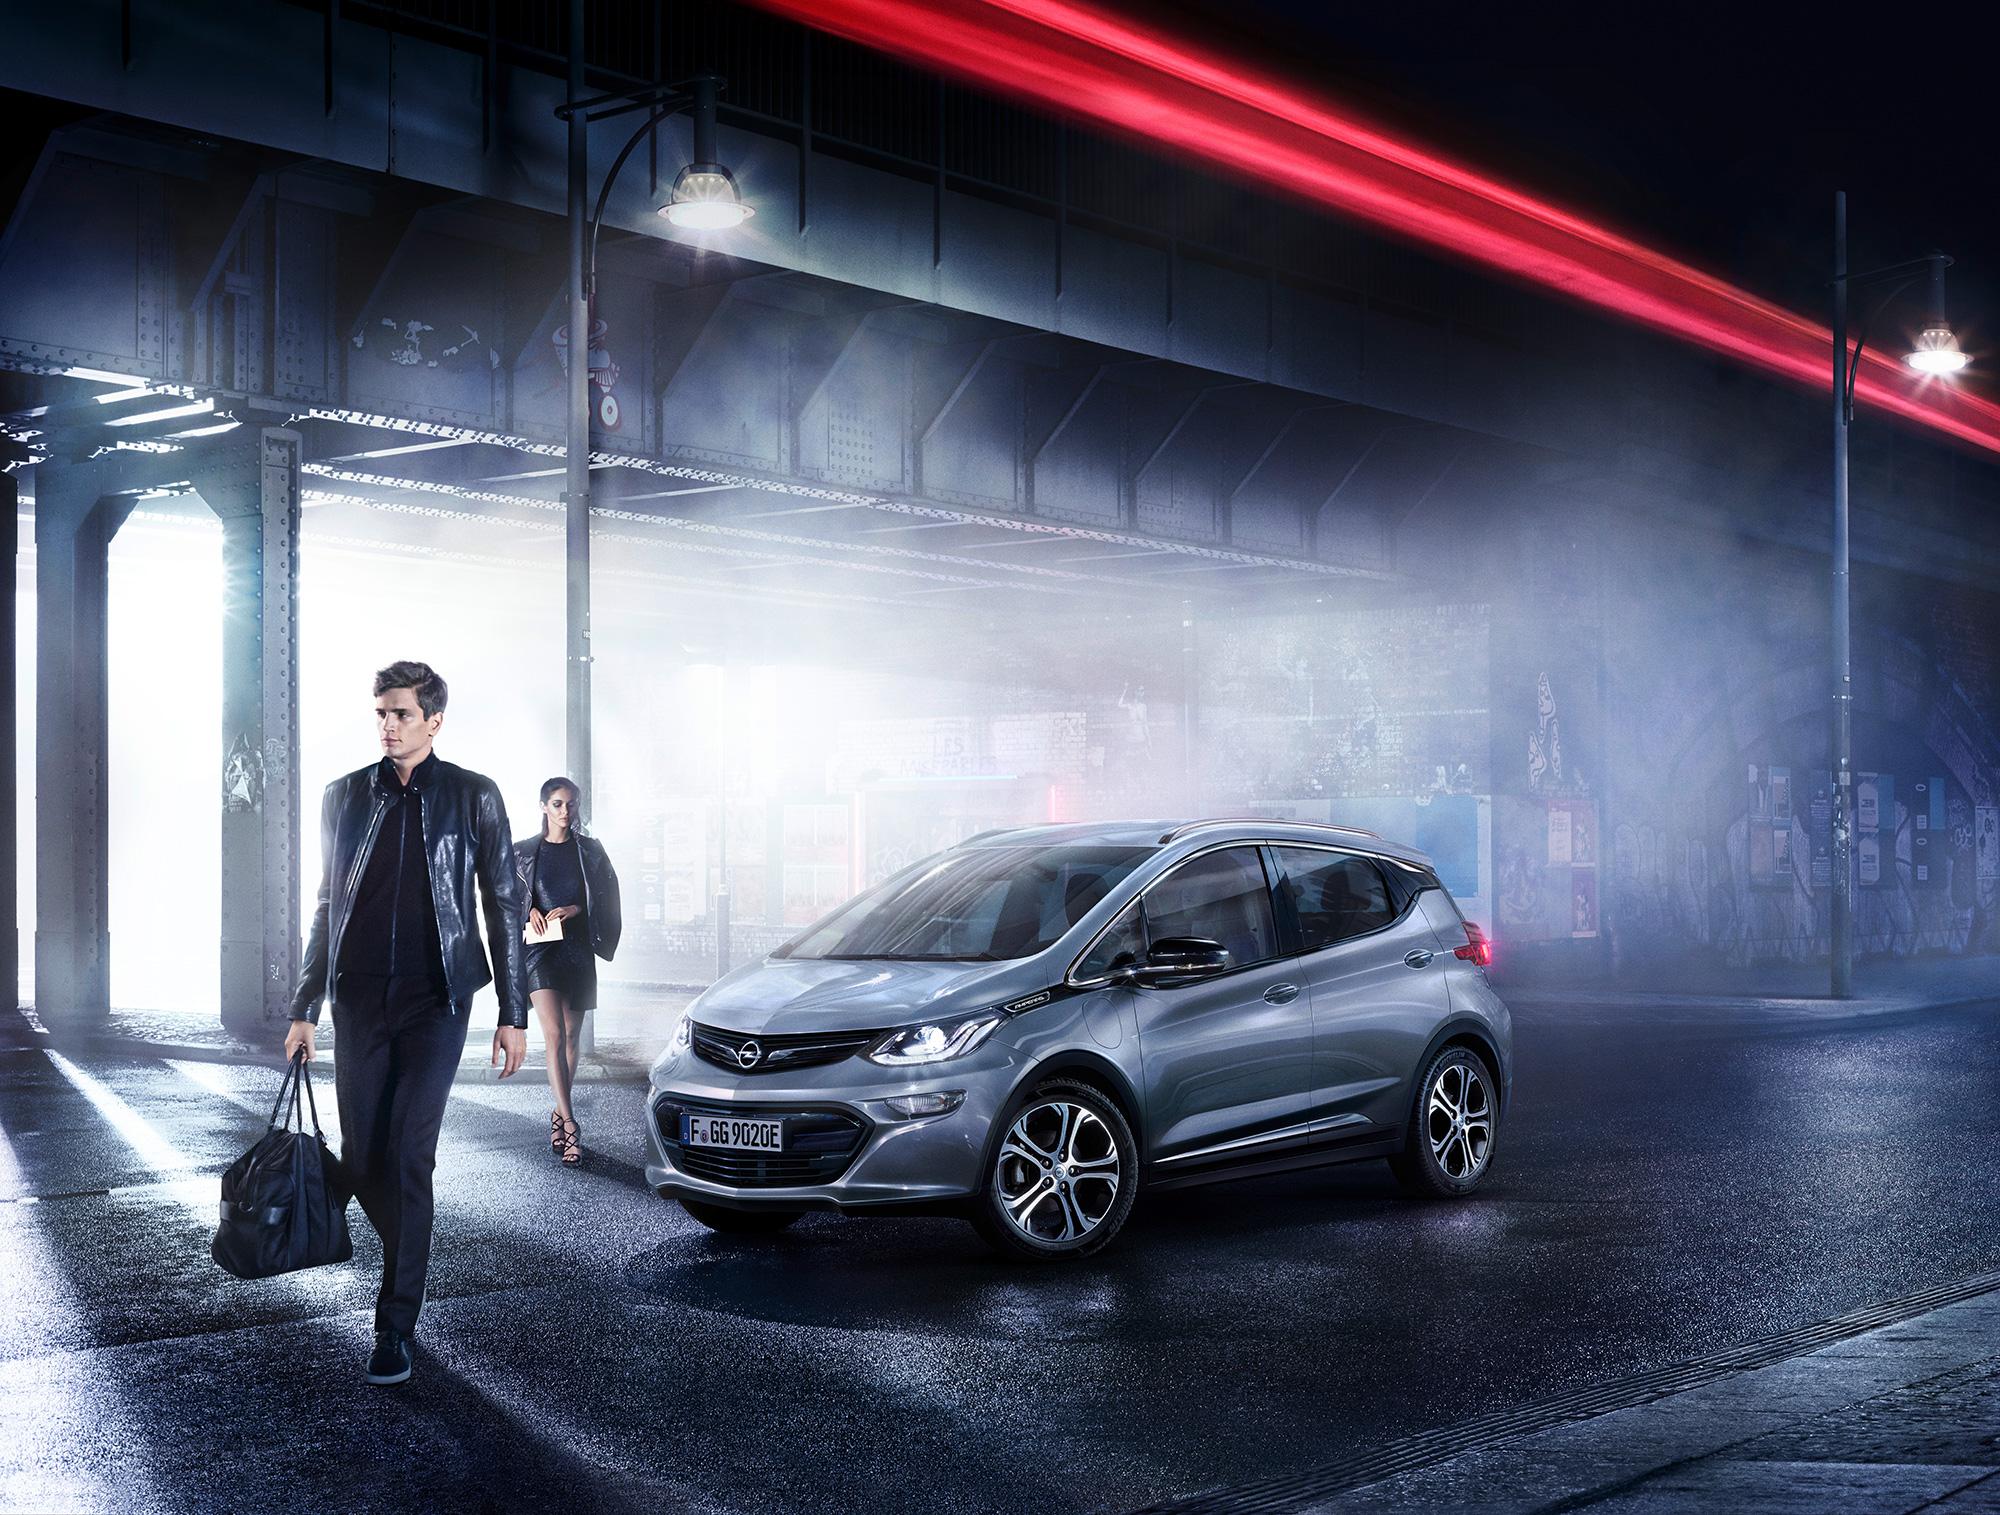 Opel-2016-1696_exterior_am17e01002_comp_Retouch_Quer_v029.jpg